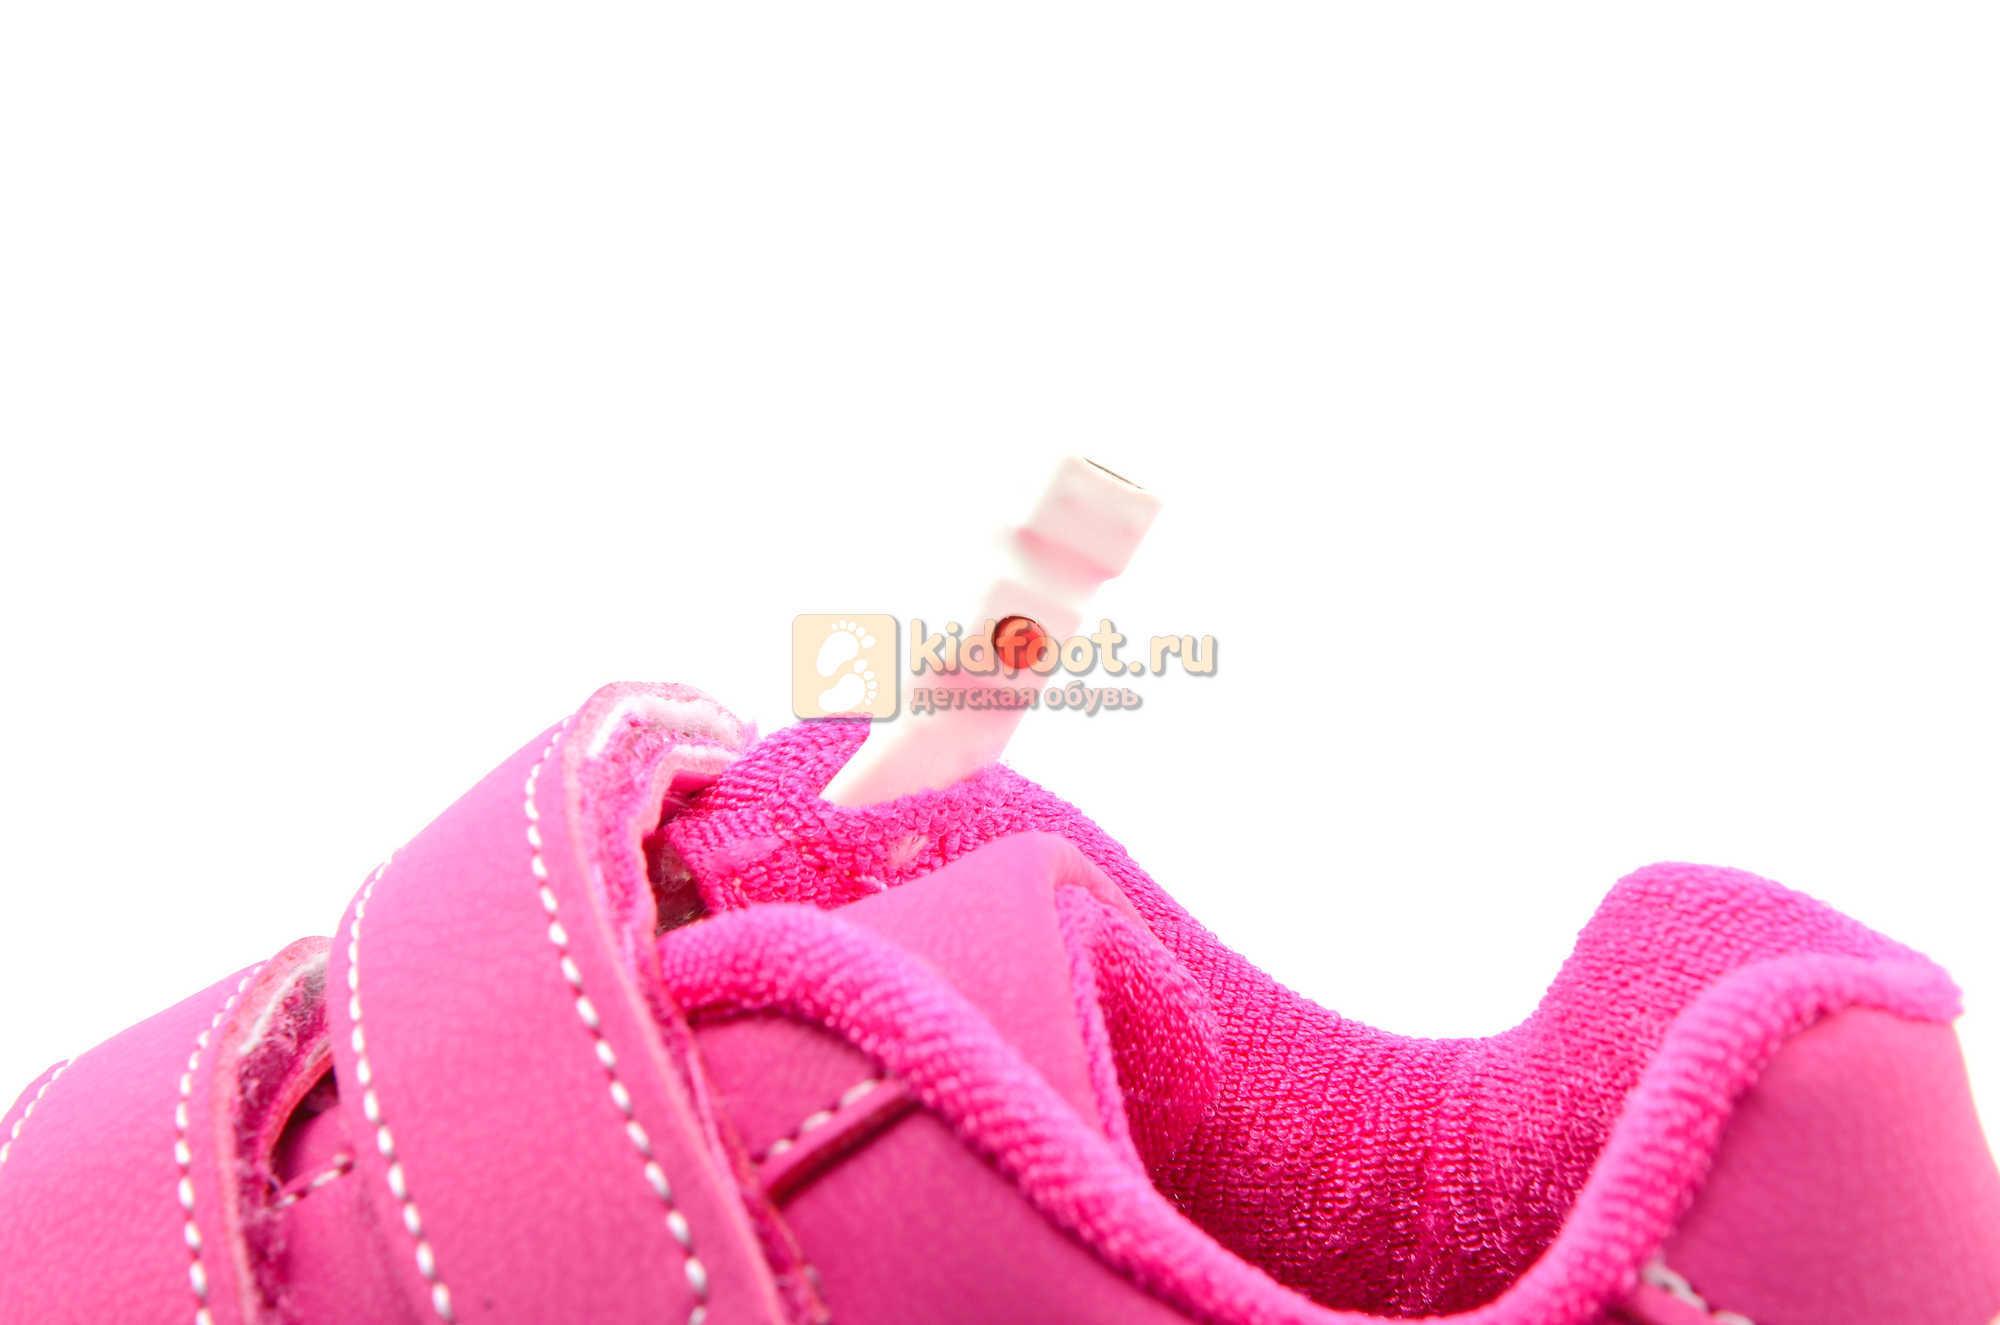 Светящиеся кроссовки с USB зарядкой Бебексия (BEIBEIXIA) для девочек цвет розовый